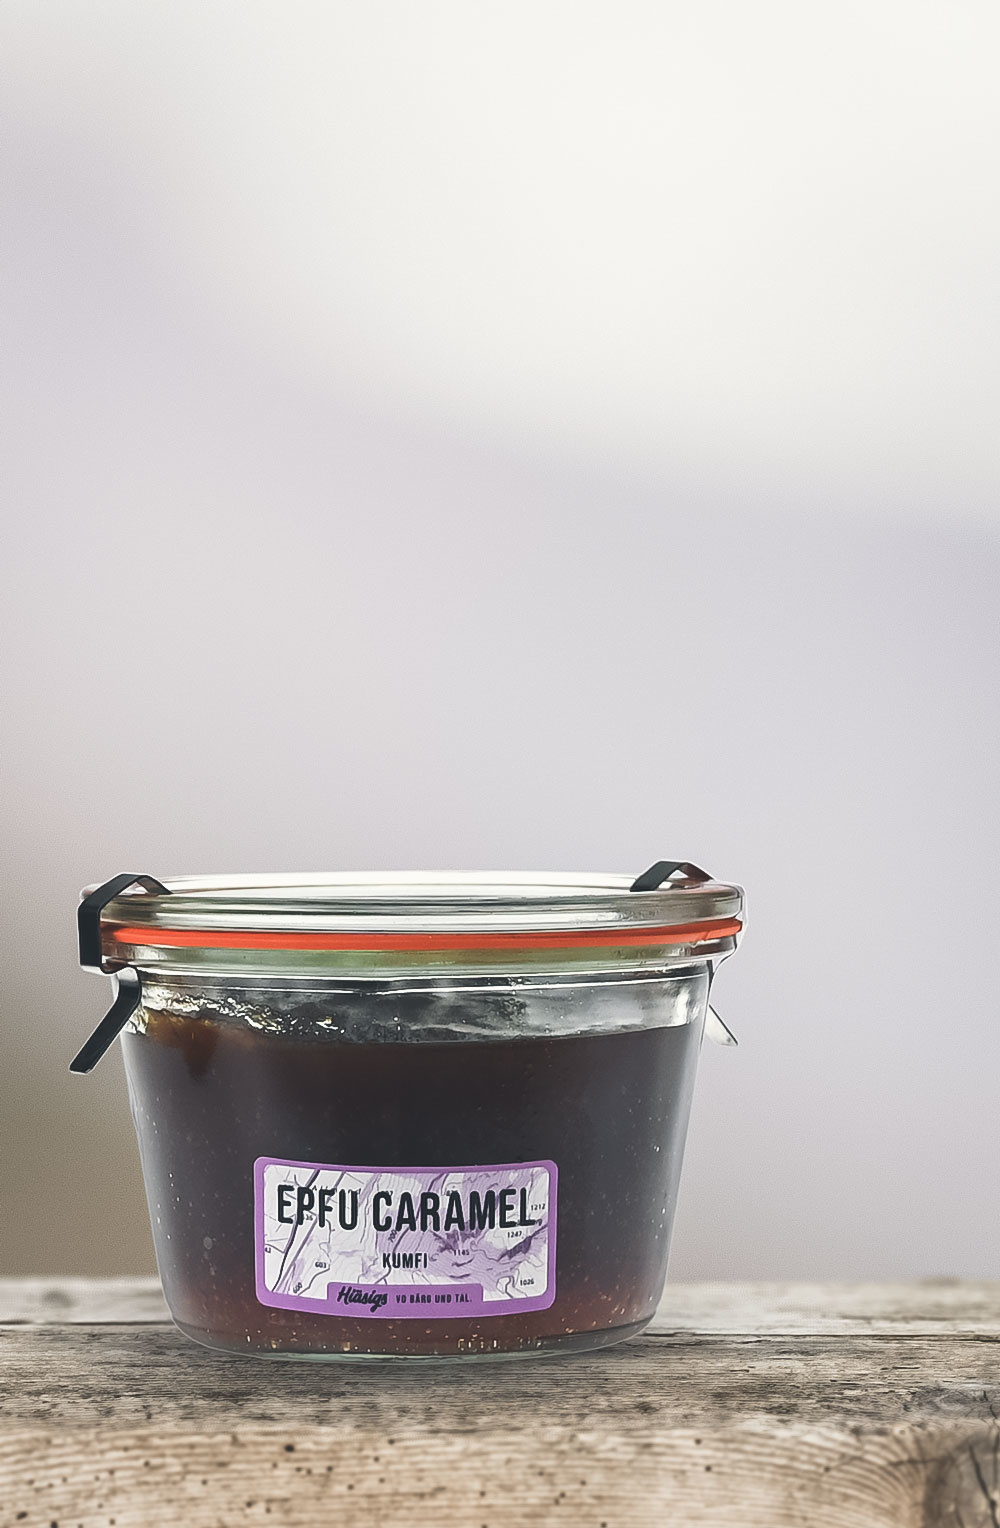 Epfu Caramel Kumfi «Ussergwehnlichä Gspanä»-1